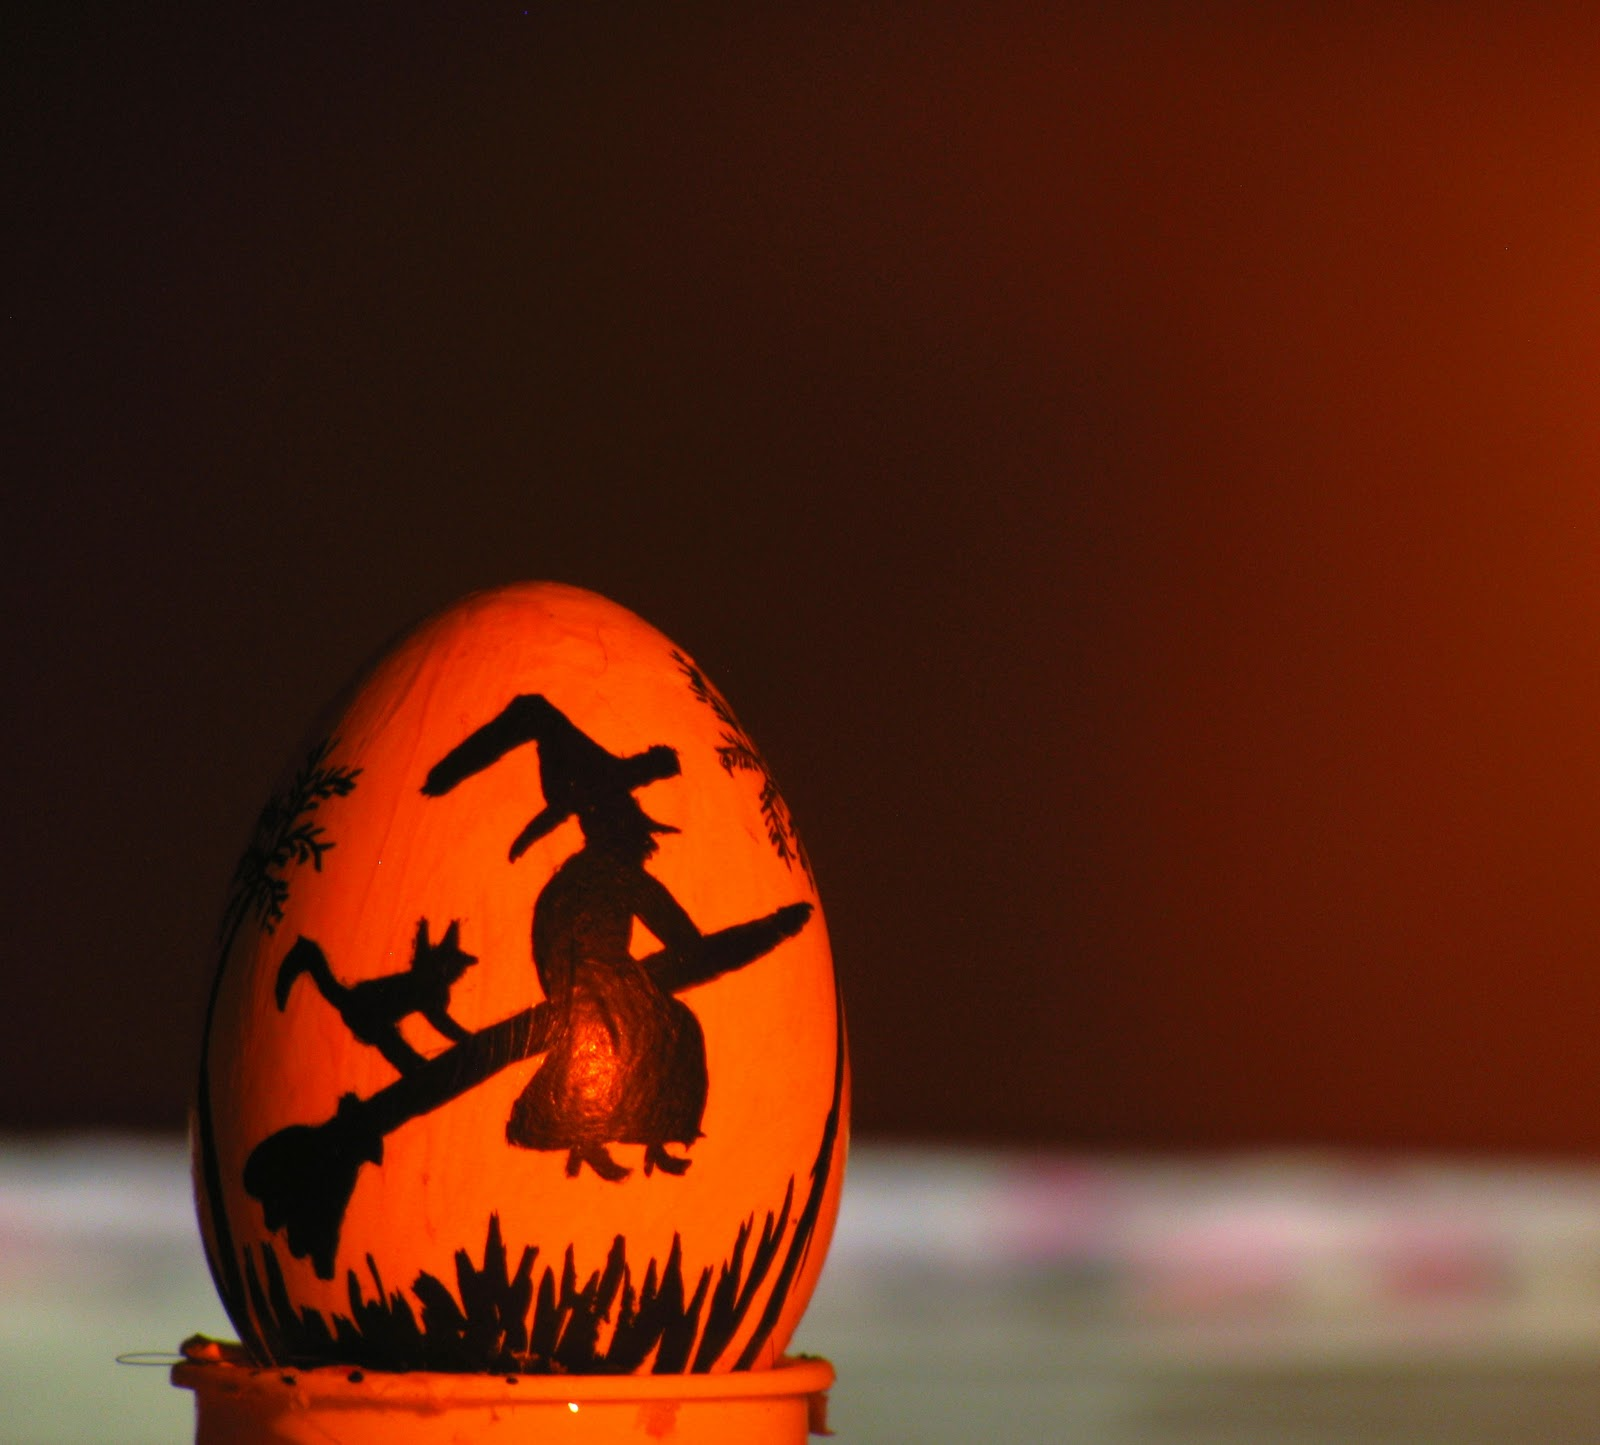 IMG 2045 - Egg Art